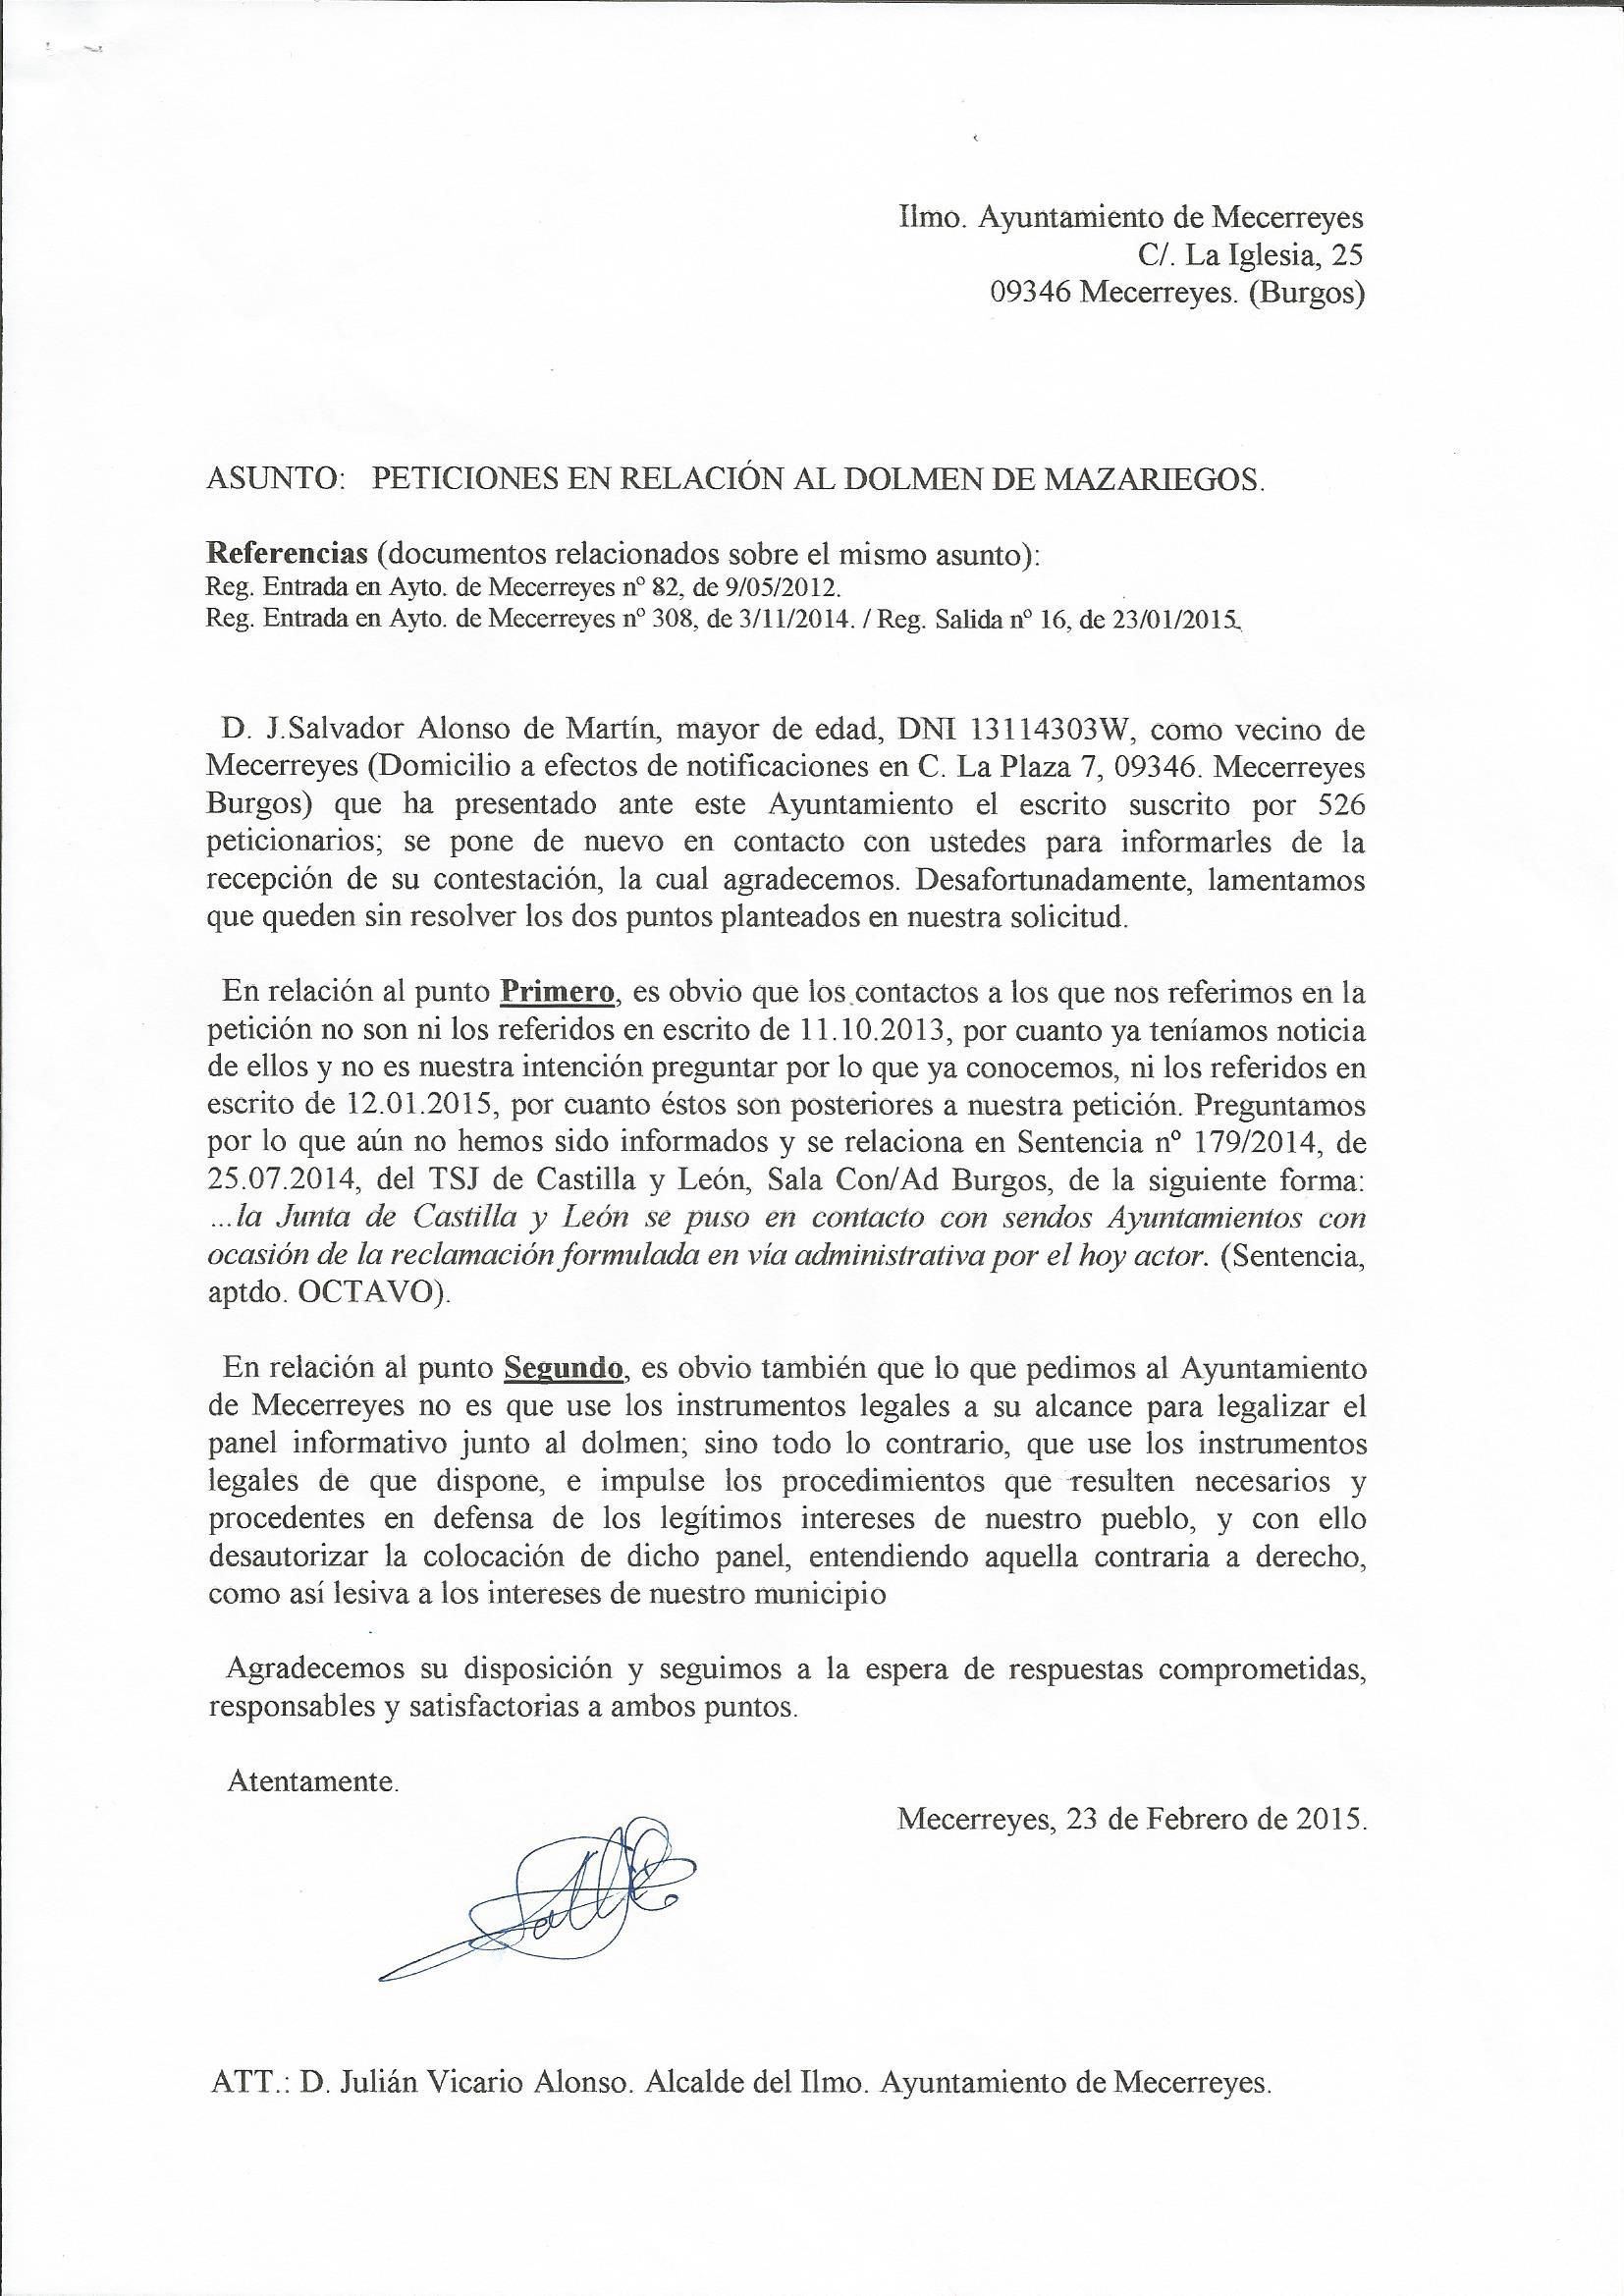 Respuesta al Ayuntamiento 23.02.15